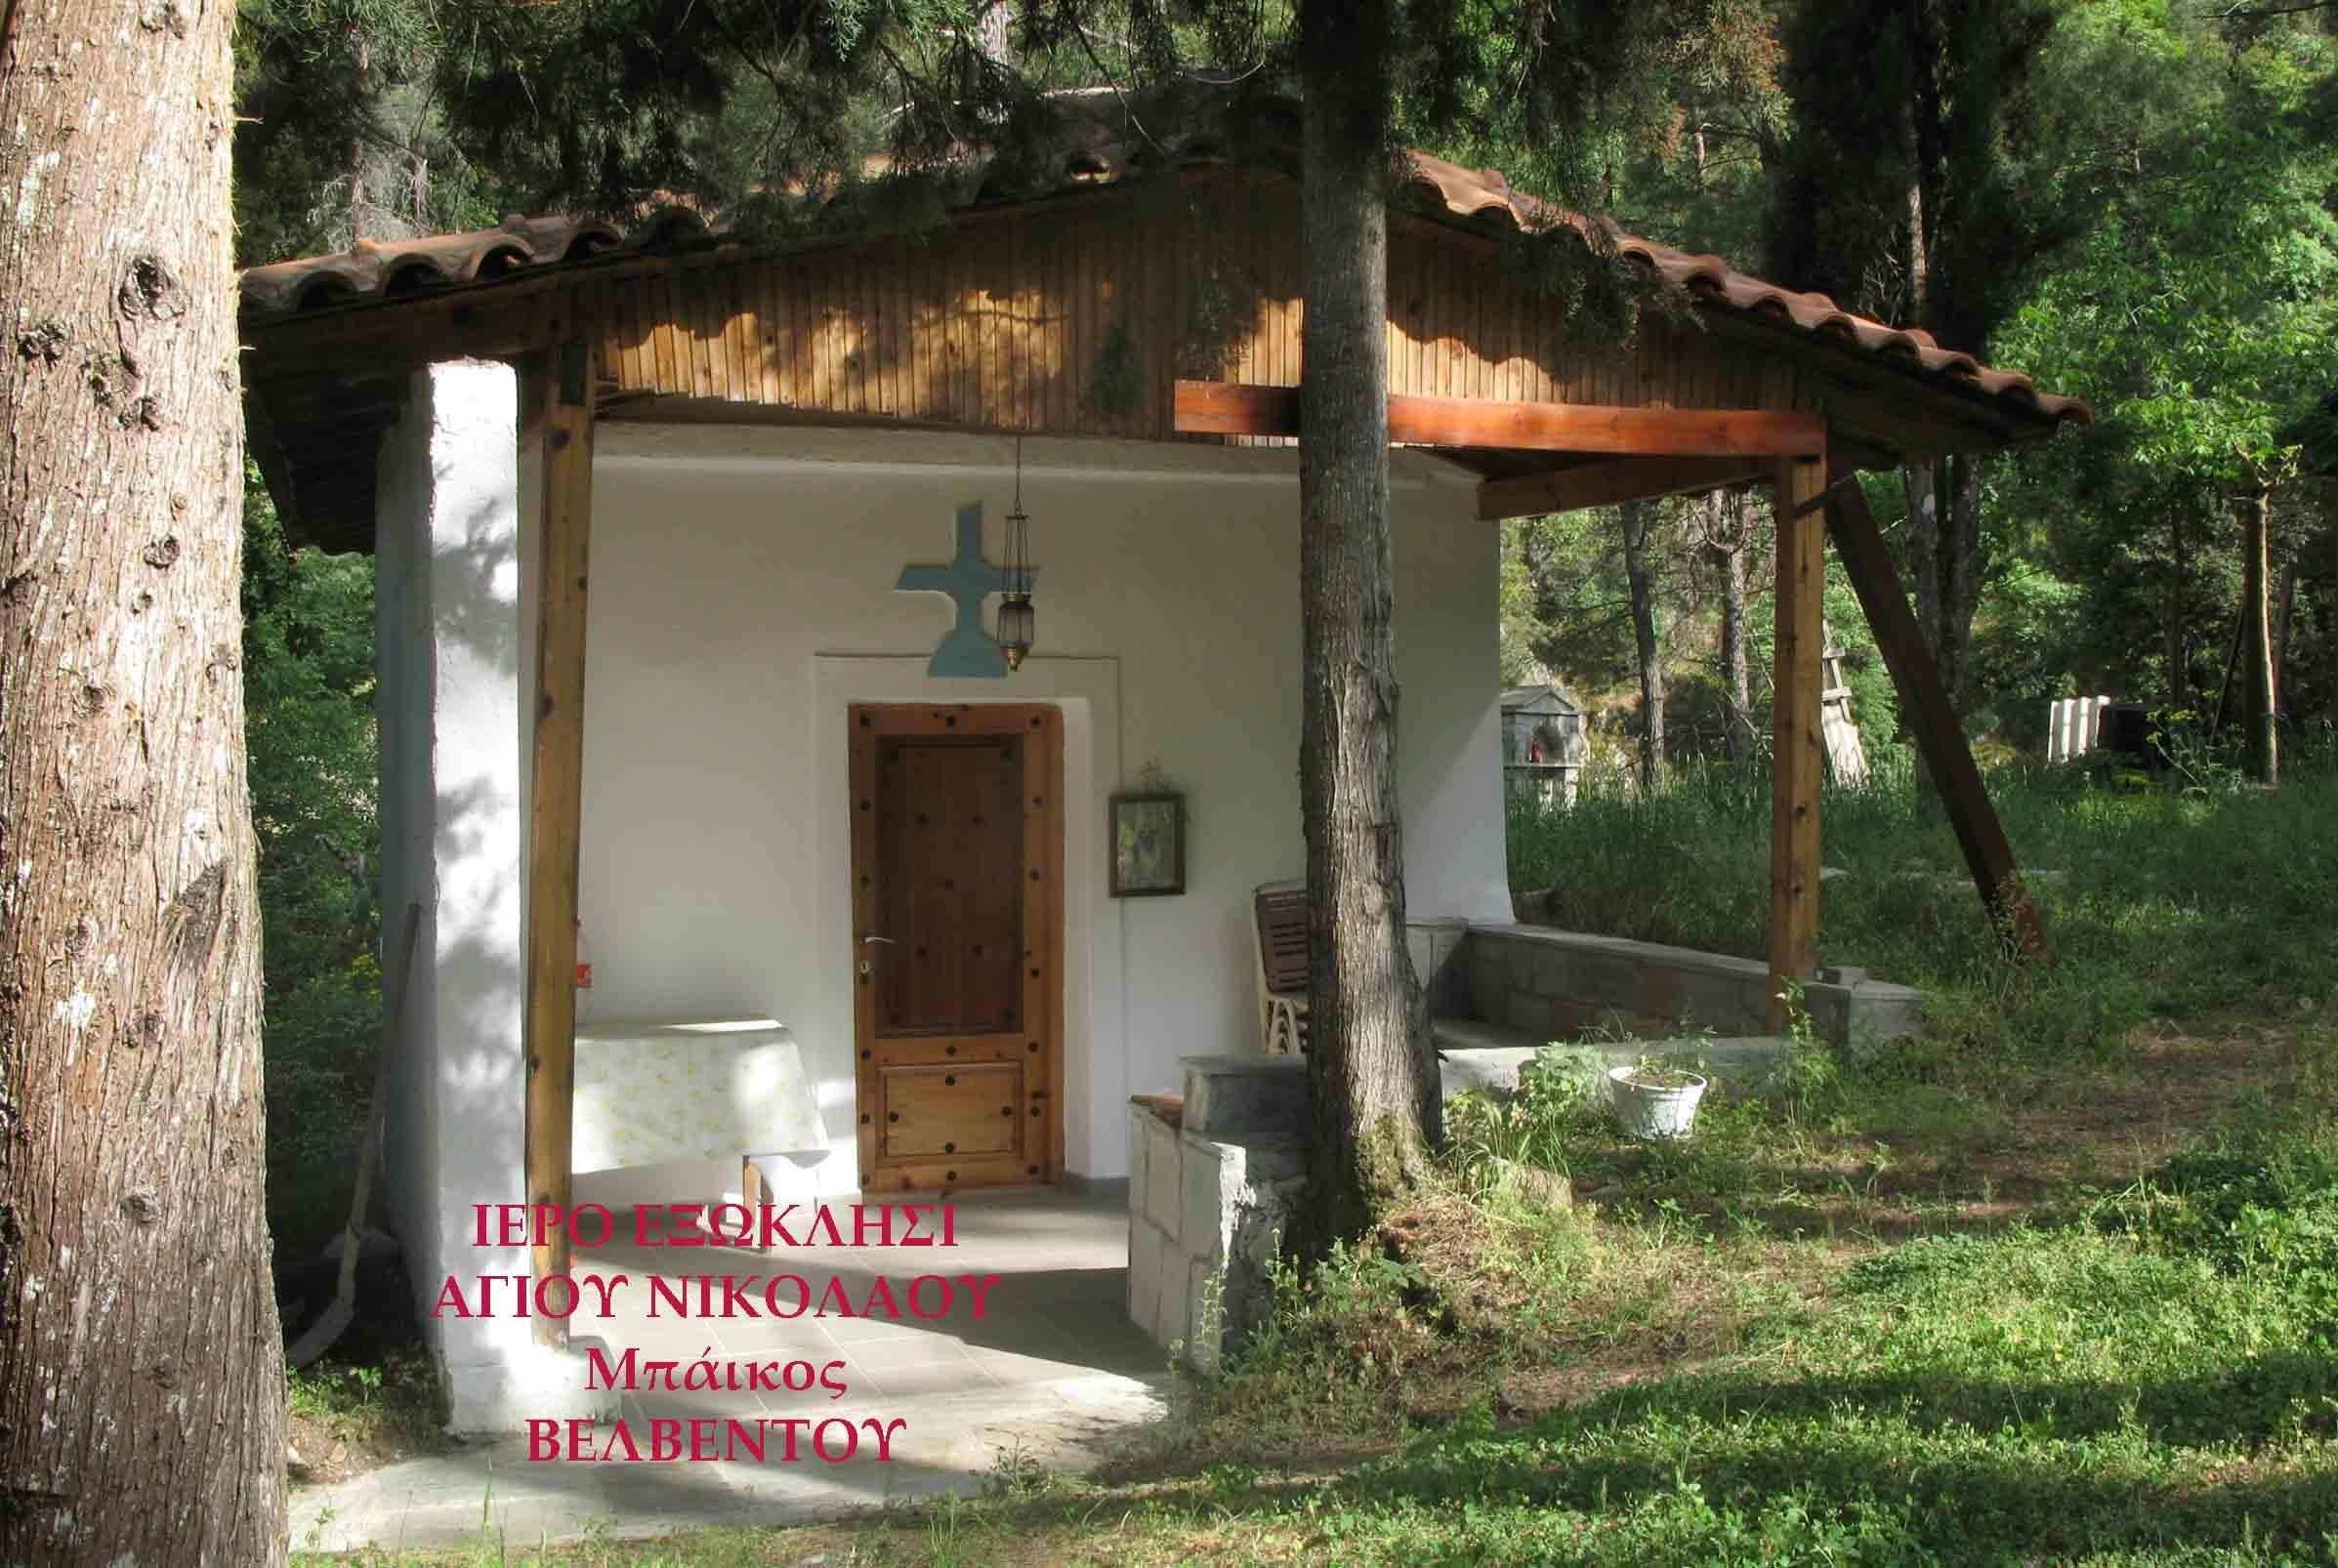 Το πιο γλυκό ''Χριστός Ανέστη'', στο Εξωκλήσι του Αγίου Νικολάου (Μπάικος) Βελβεντού, από τον καλλίφωνο και πράο παπα-Νικόλαο Τράντα.  του παπαδάσκαλου Κωνσταντίνο Ι. Κώστα